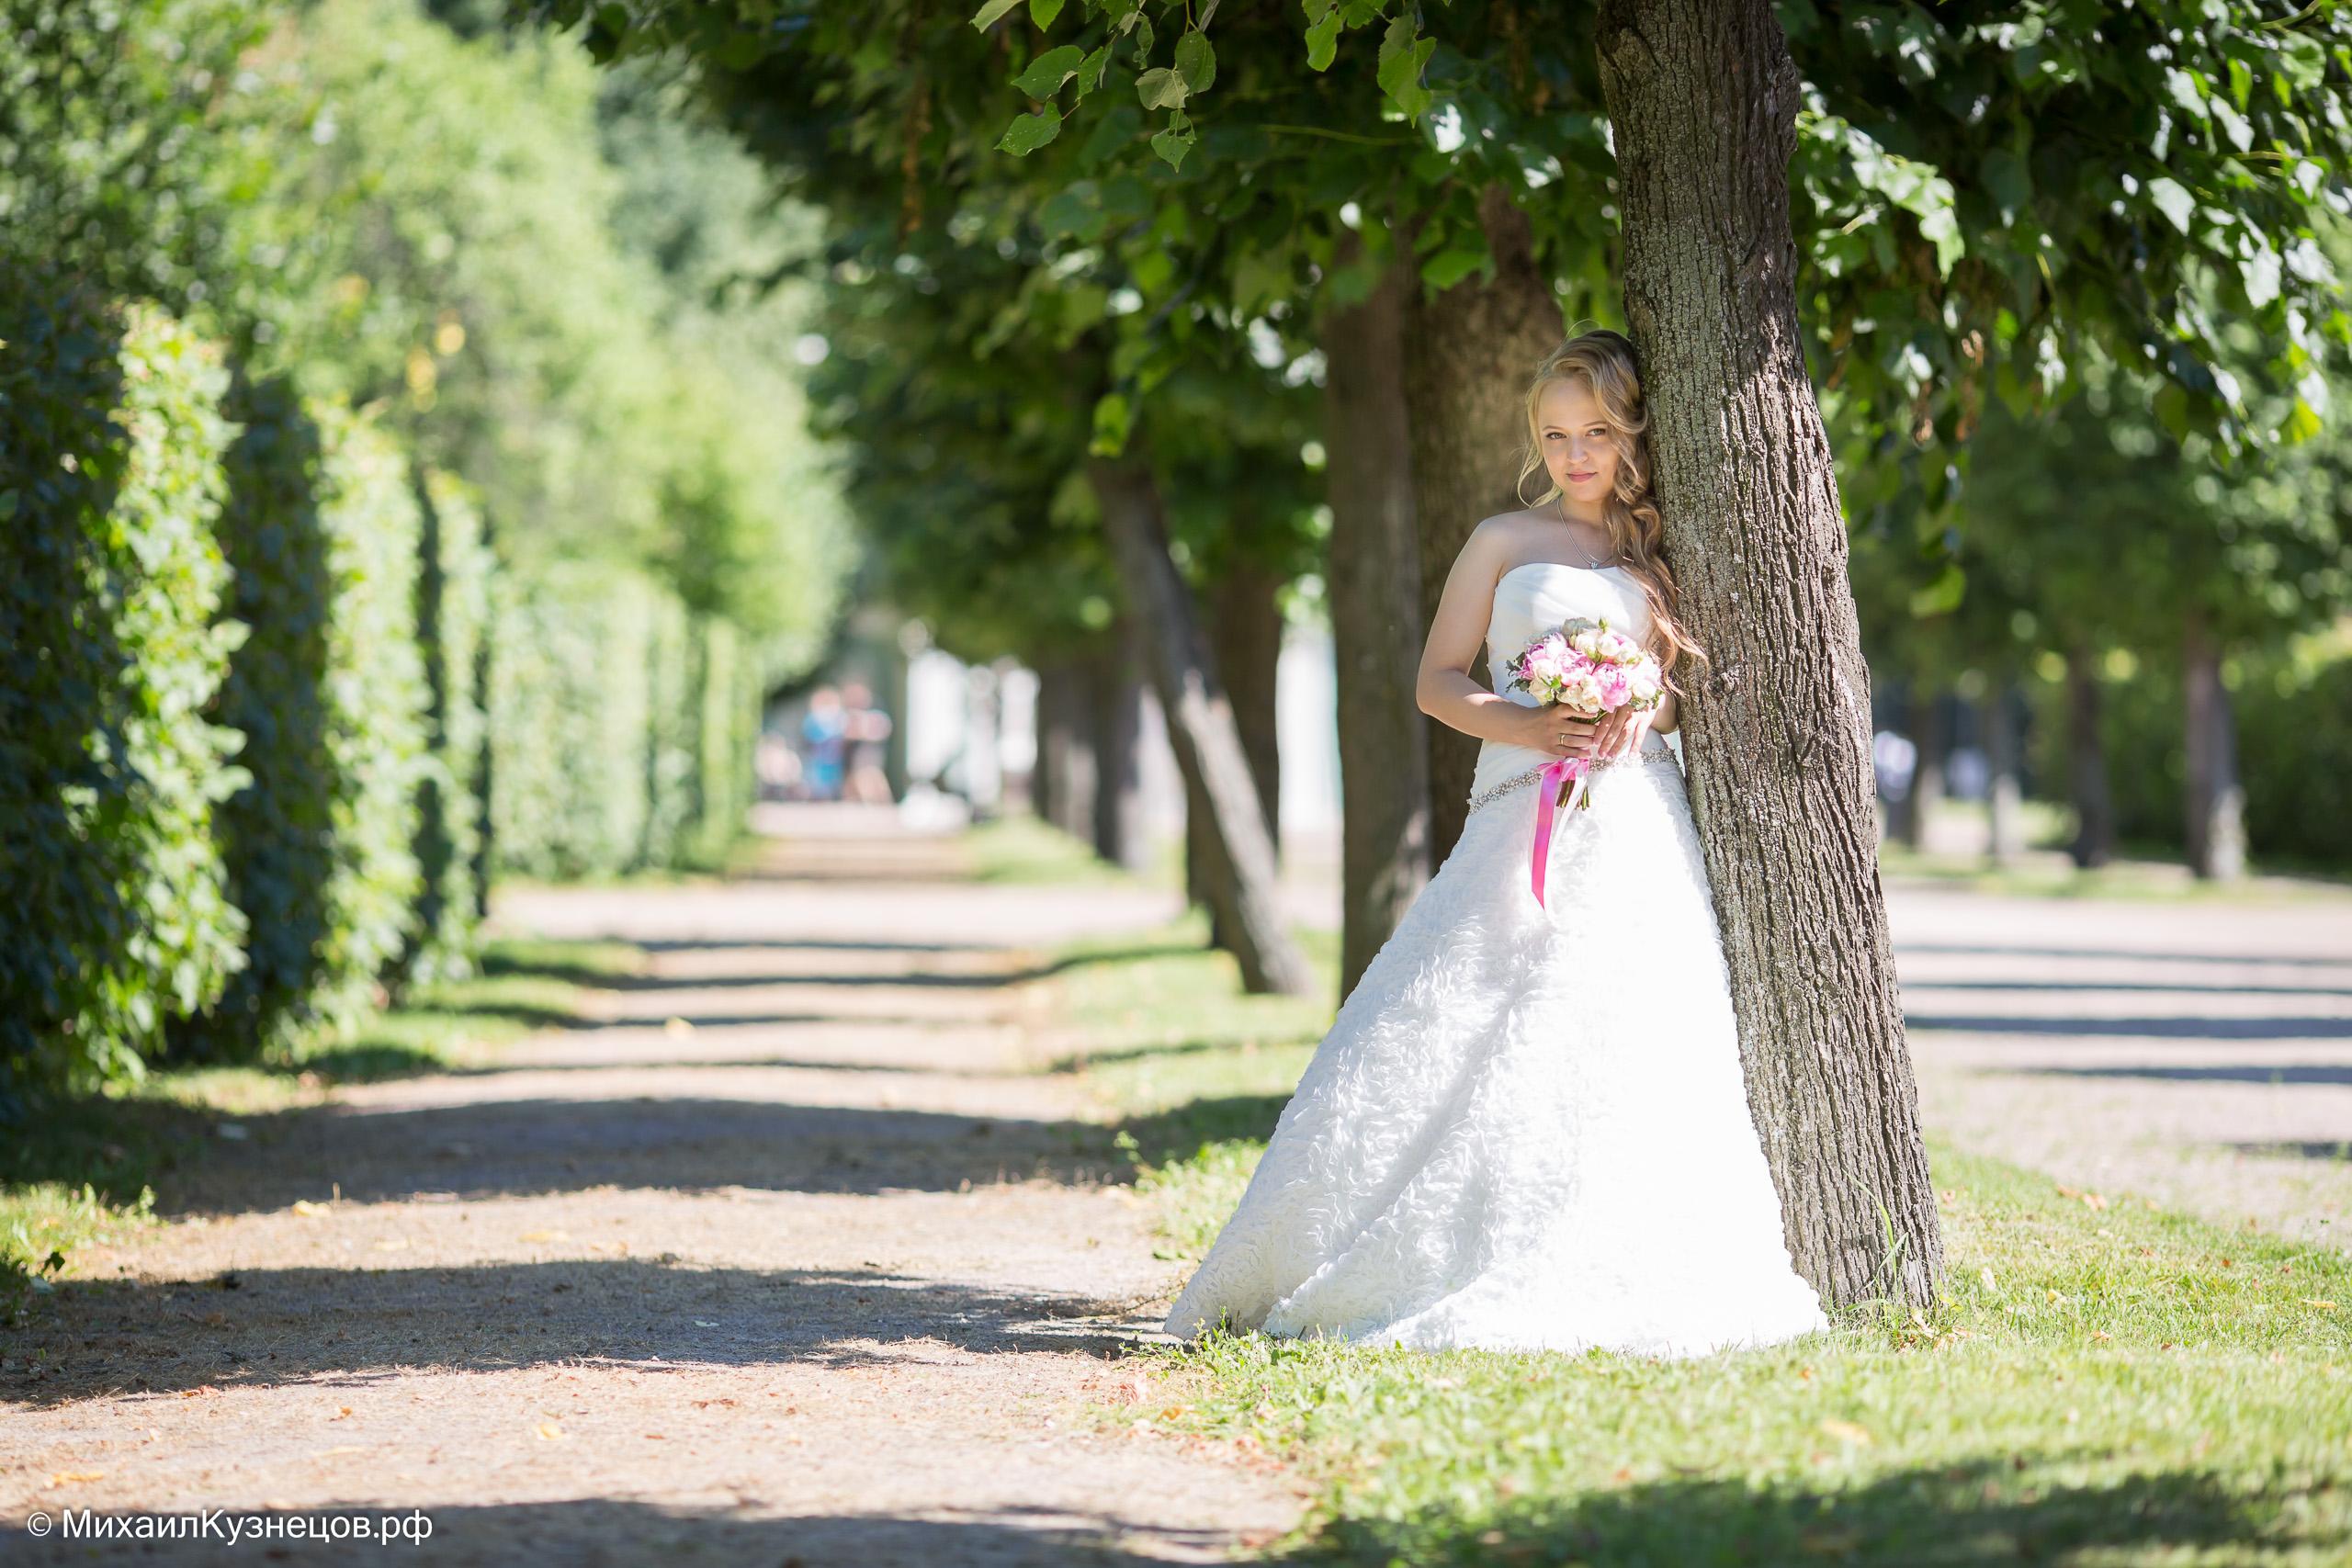 Фото свадьбы елены великановой